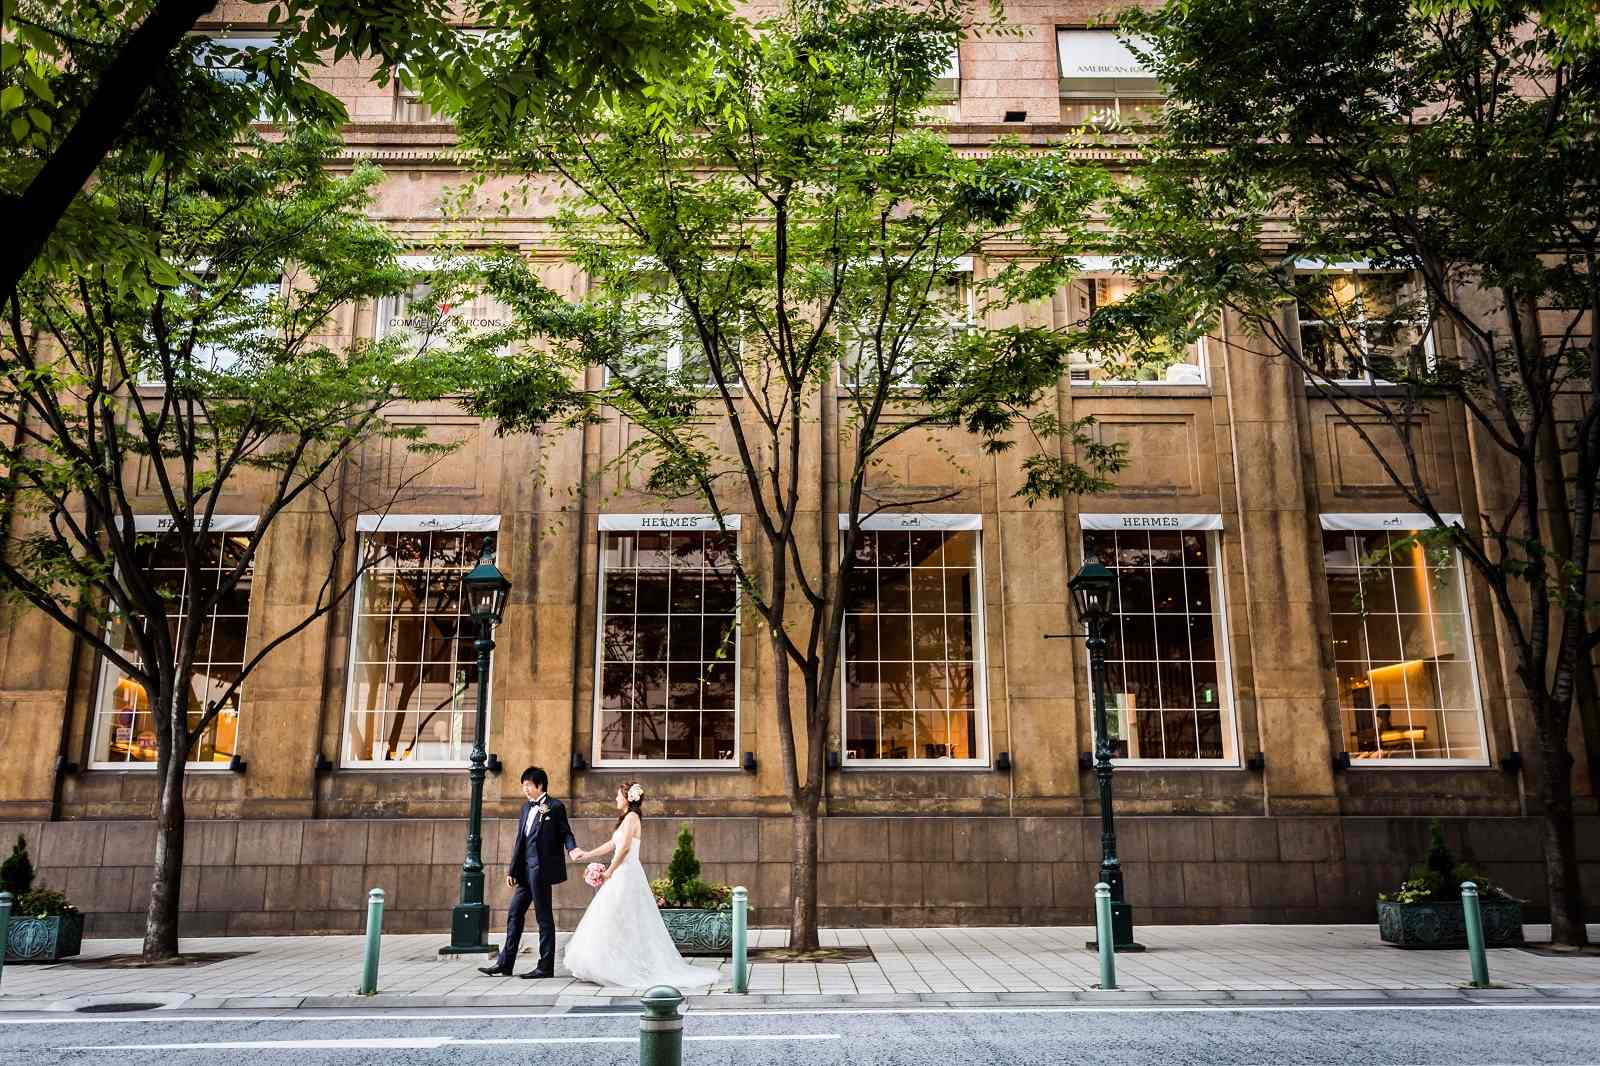 高松市の結婚式場紹介所神戸旧居留地